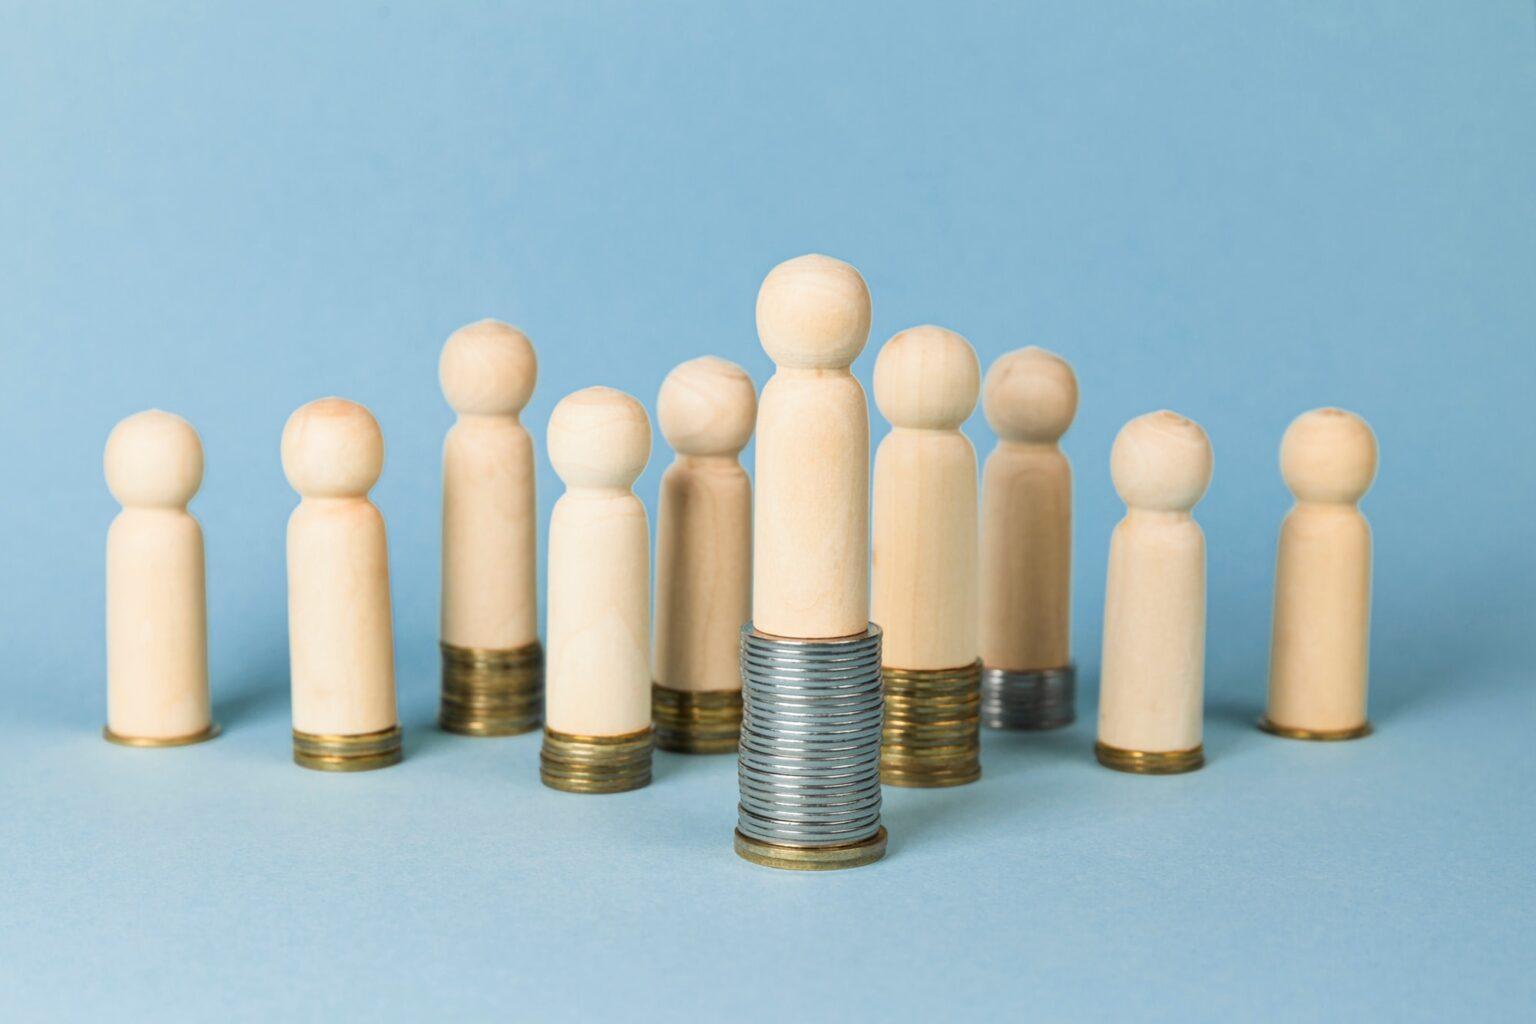 Una Recesion Muy Particular Por Que La Desigualdad Puede Empeorar Mucho Mas Despues De La Covid 19 Voxlacea